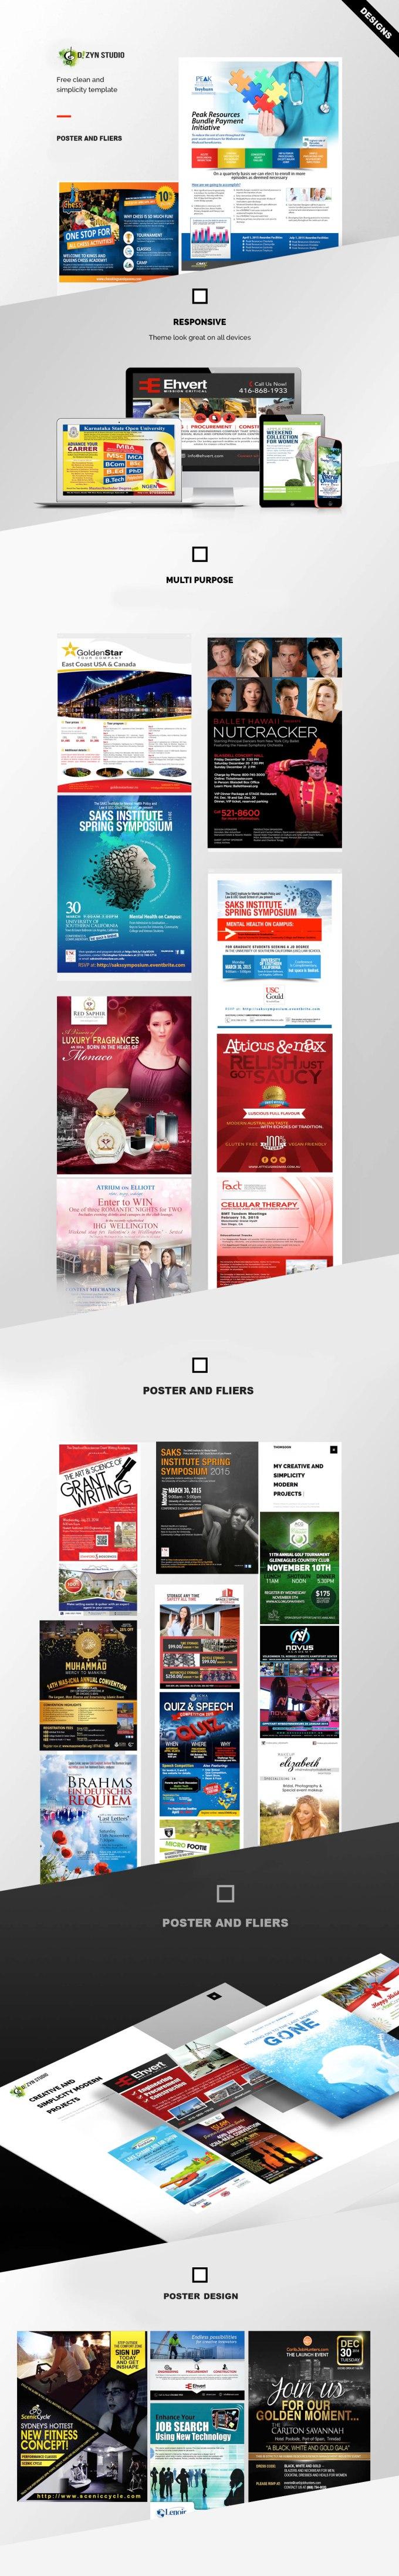 portfoilio posters